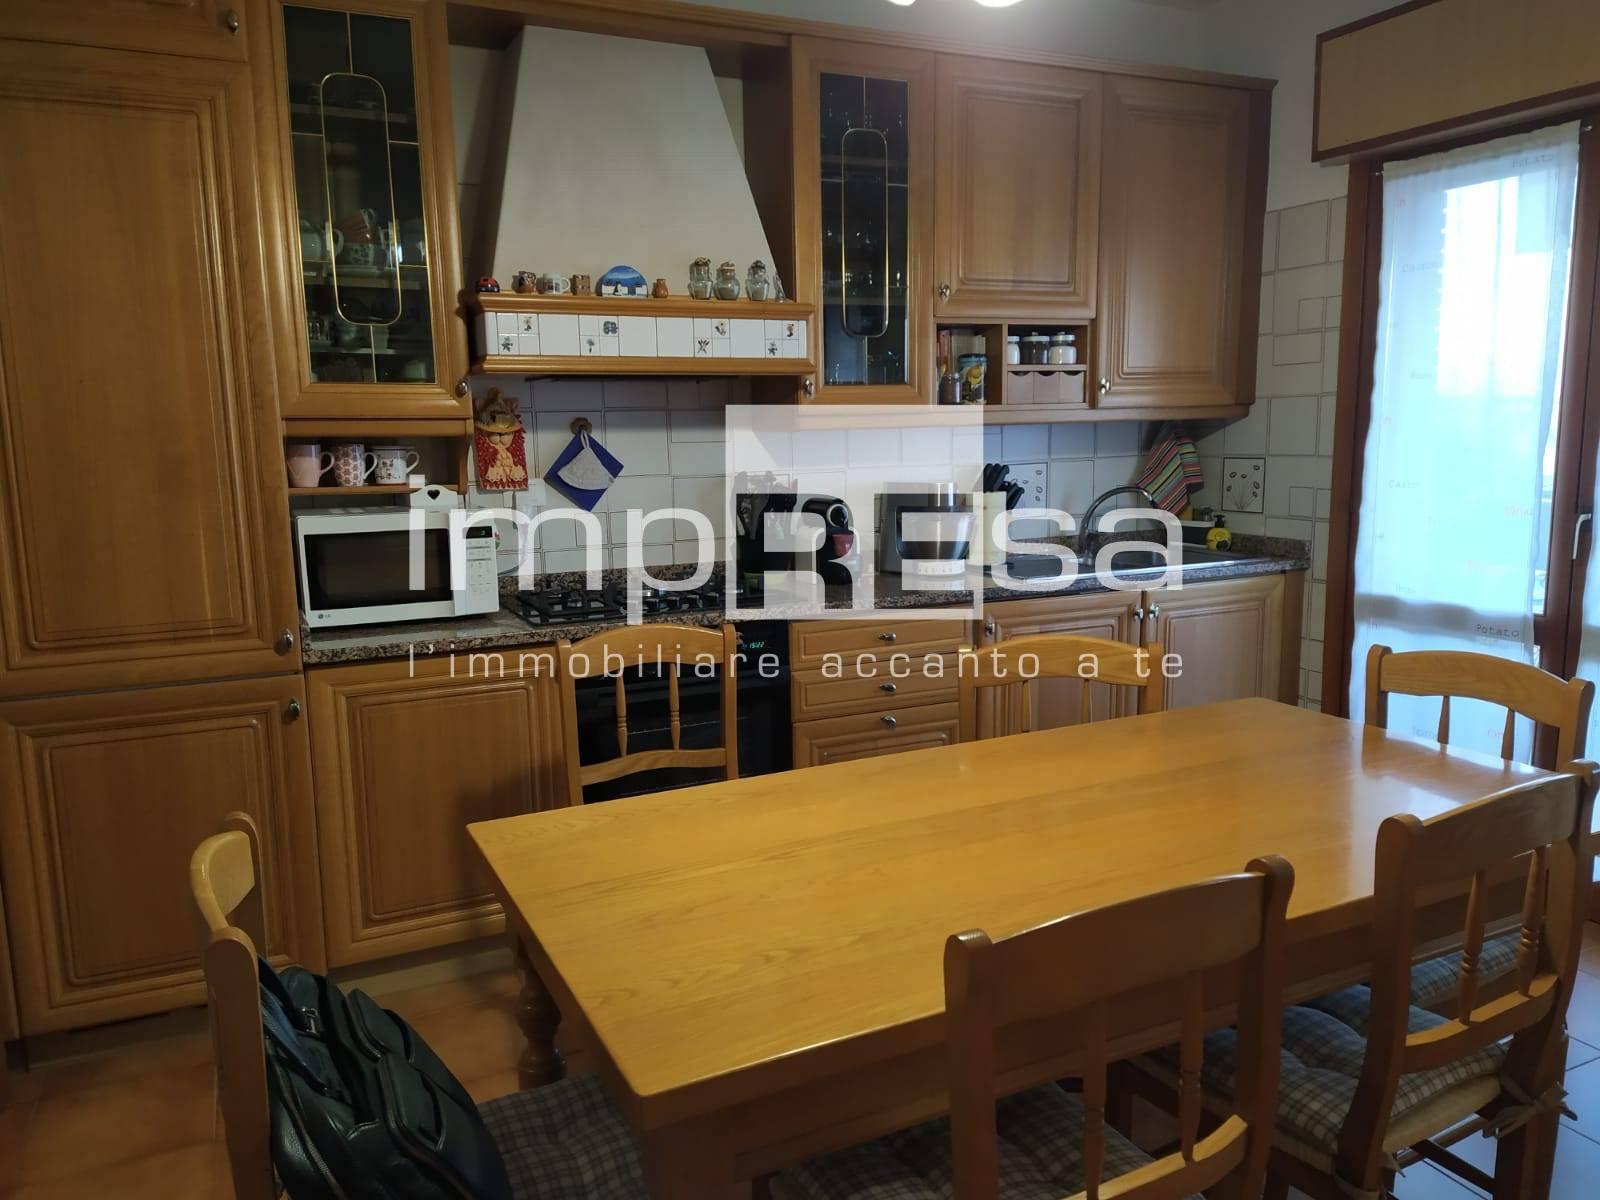 Appartamento in vendita a Maserada sul Piave, 4 locali, zona Località: Maserada, prezzo € 89.000 | CambioCasa.it